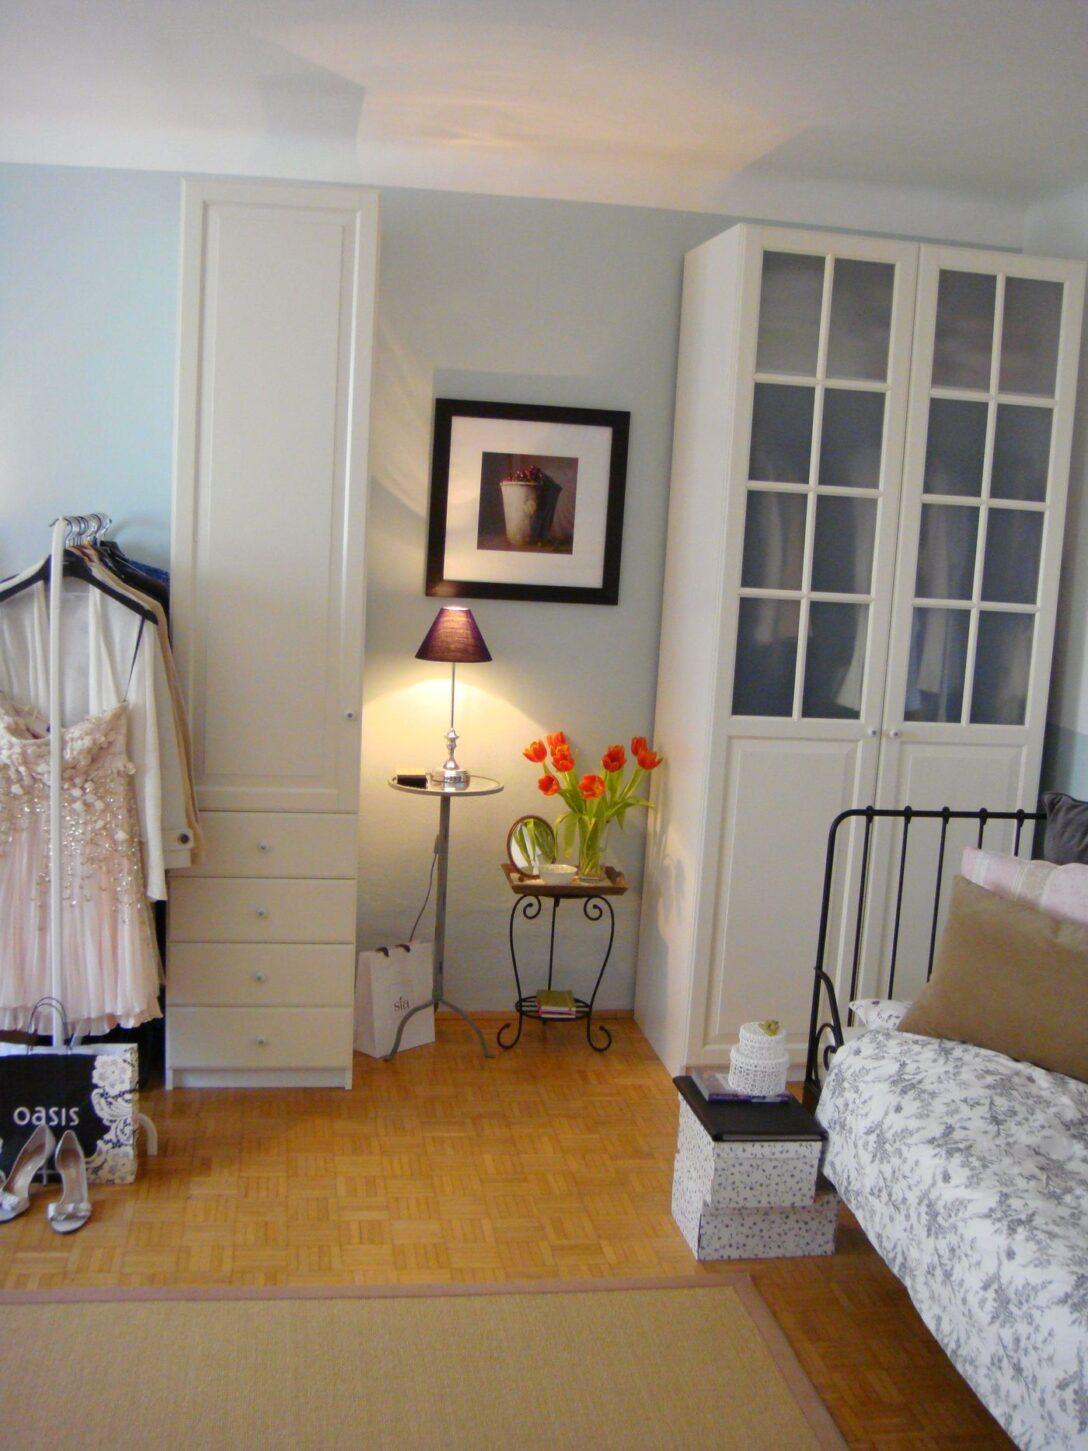 Large Size of Ideen Und Inspirationen Fr Wohnzimmerschrnke Seite 21 Modulküche Ikea Küche Kaufen Betten Bei Miniküche Kosten Sofa Mit Schlaffunktion 160x200 Wohnzimmer Wohnzimmerschränke Ikea